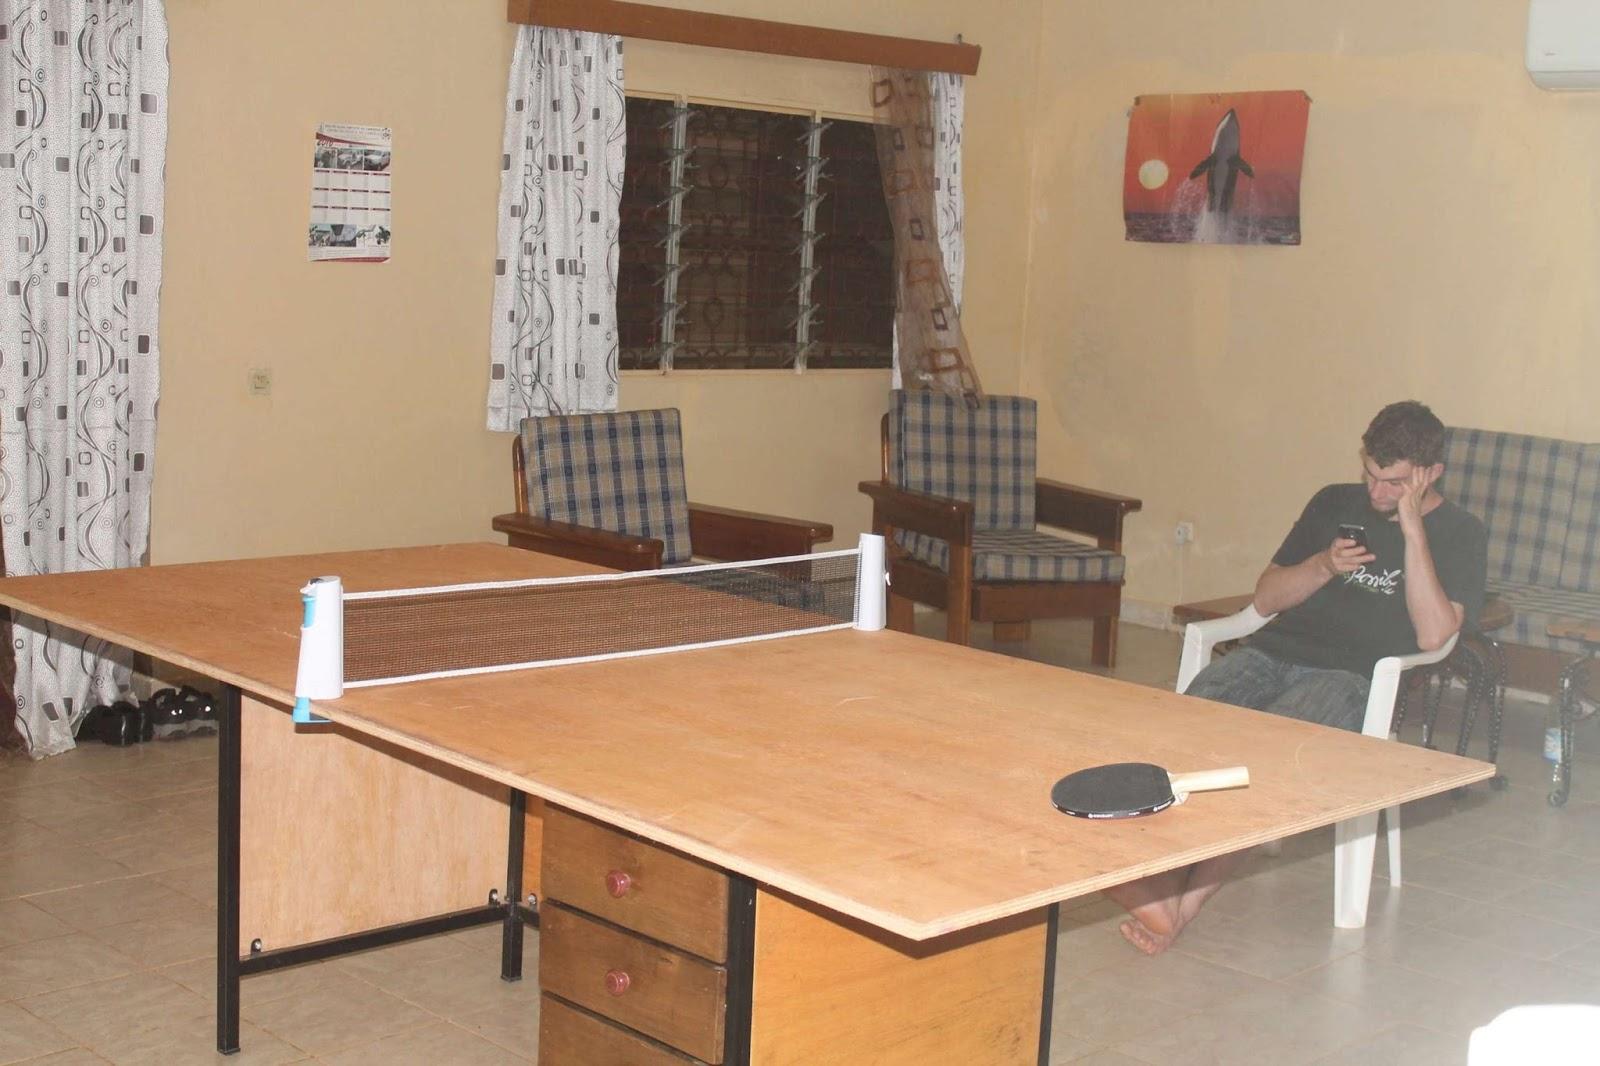 100 Peinture Pour Table De Ping Pong Peinture